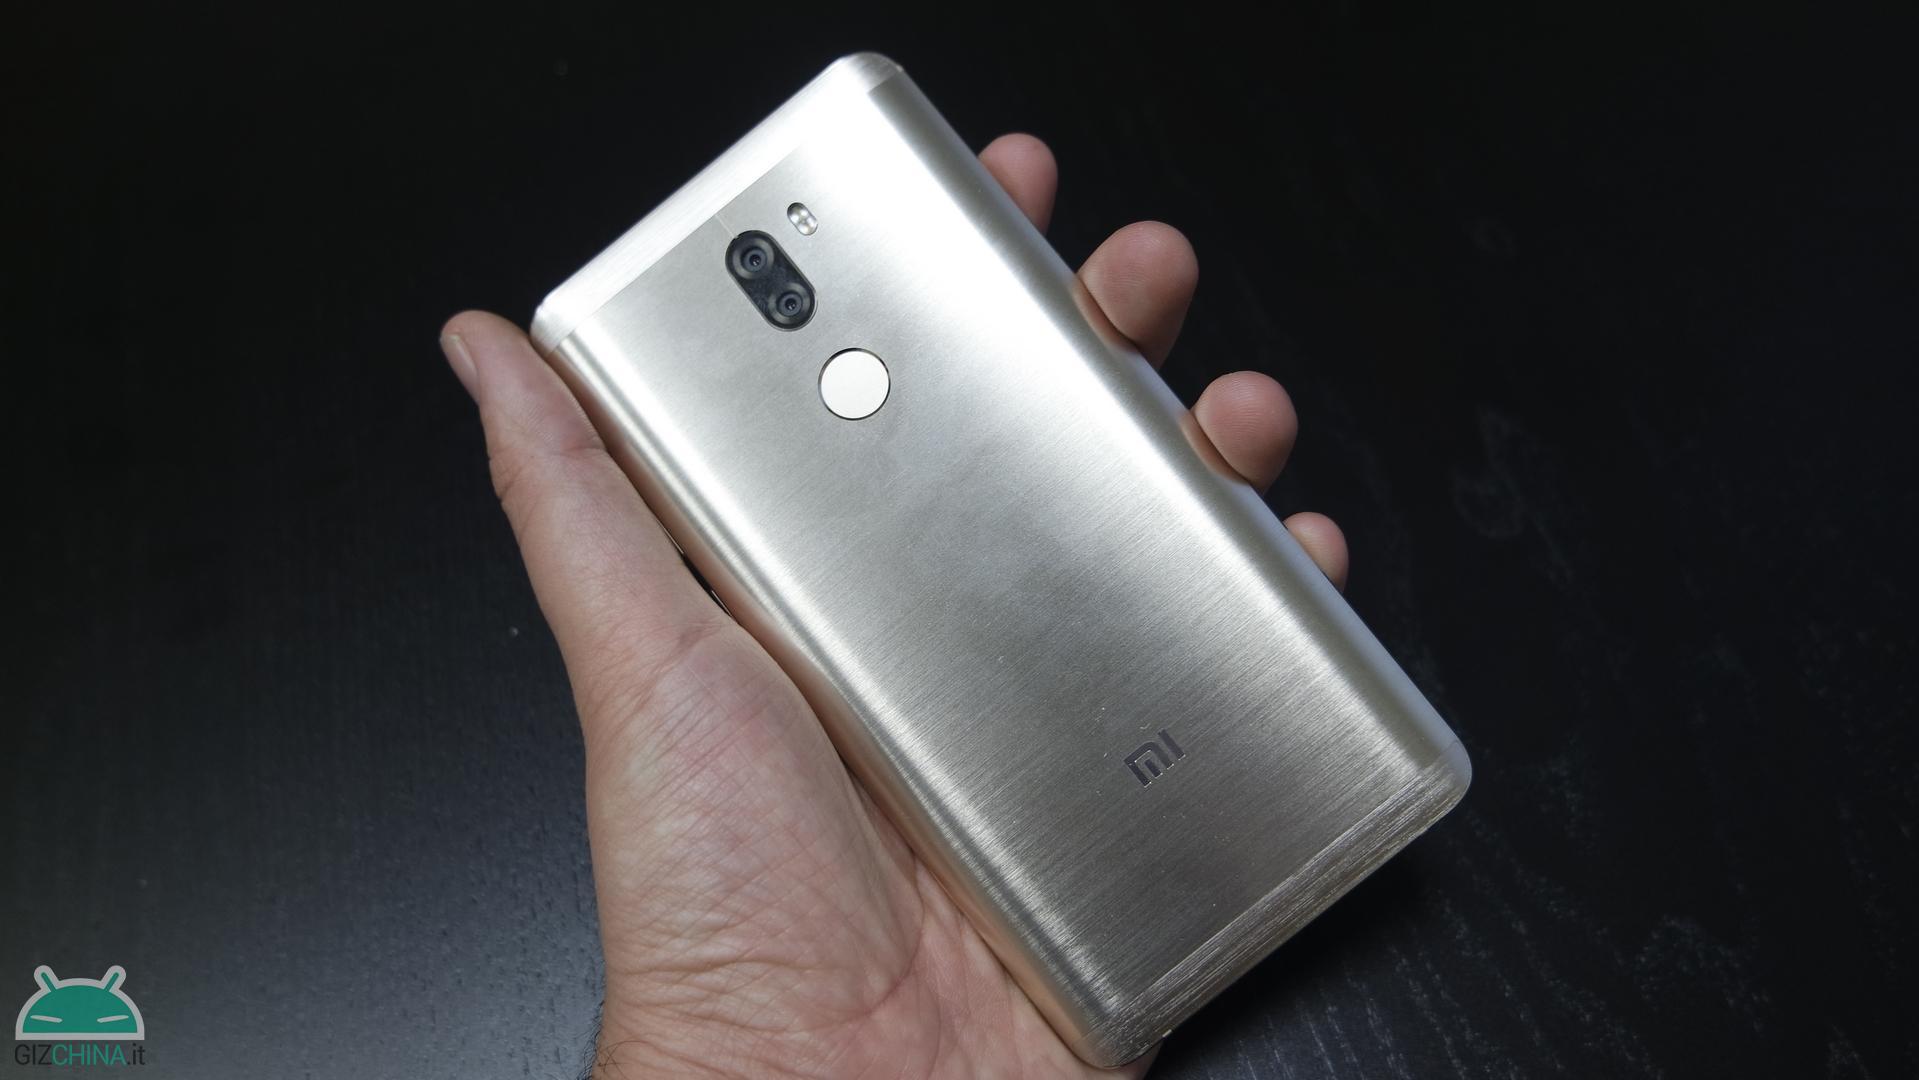 Xiaomi Redmi 4 E 4A Redmi Note 4 Mi 5S Plus E Tanti